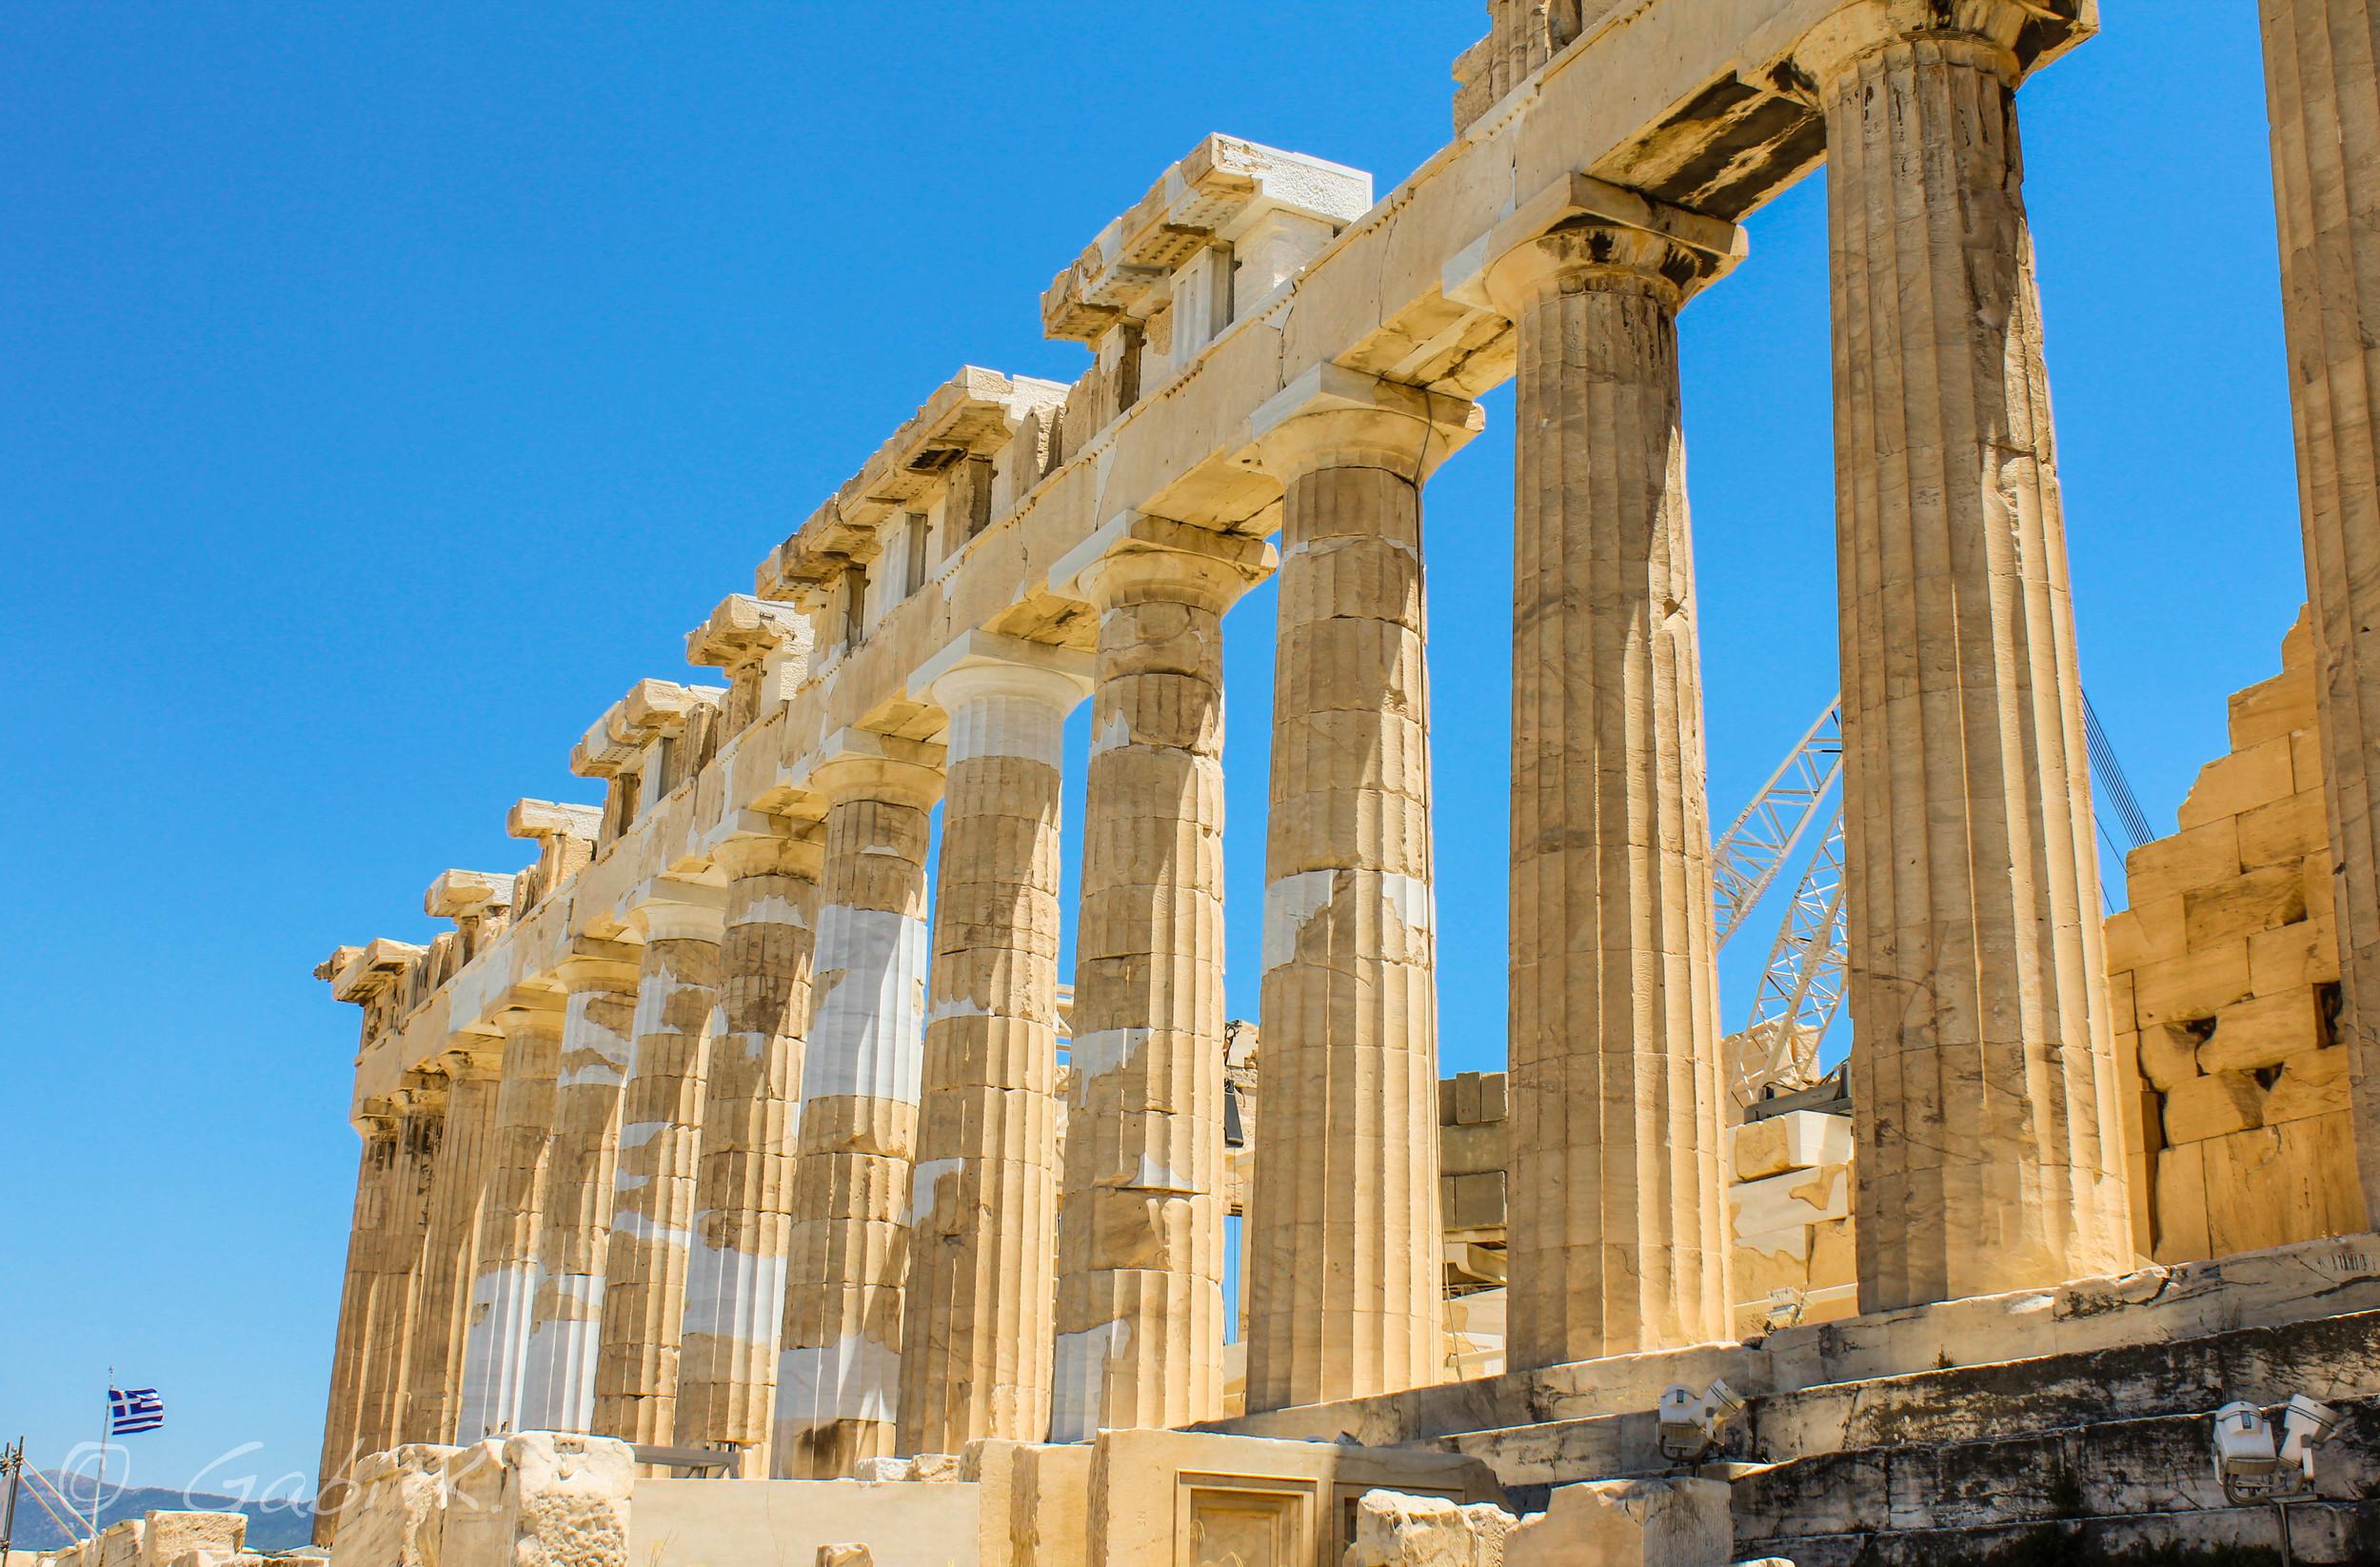 The Parthenon, temple dedicated to the goddess Athena